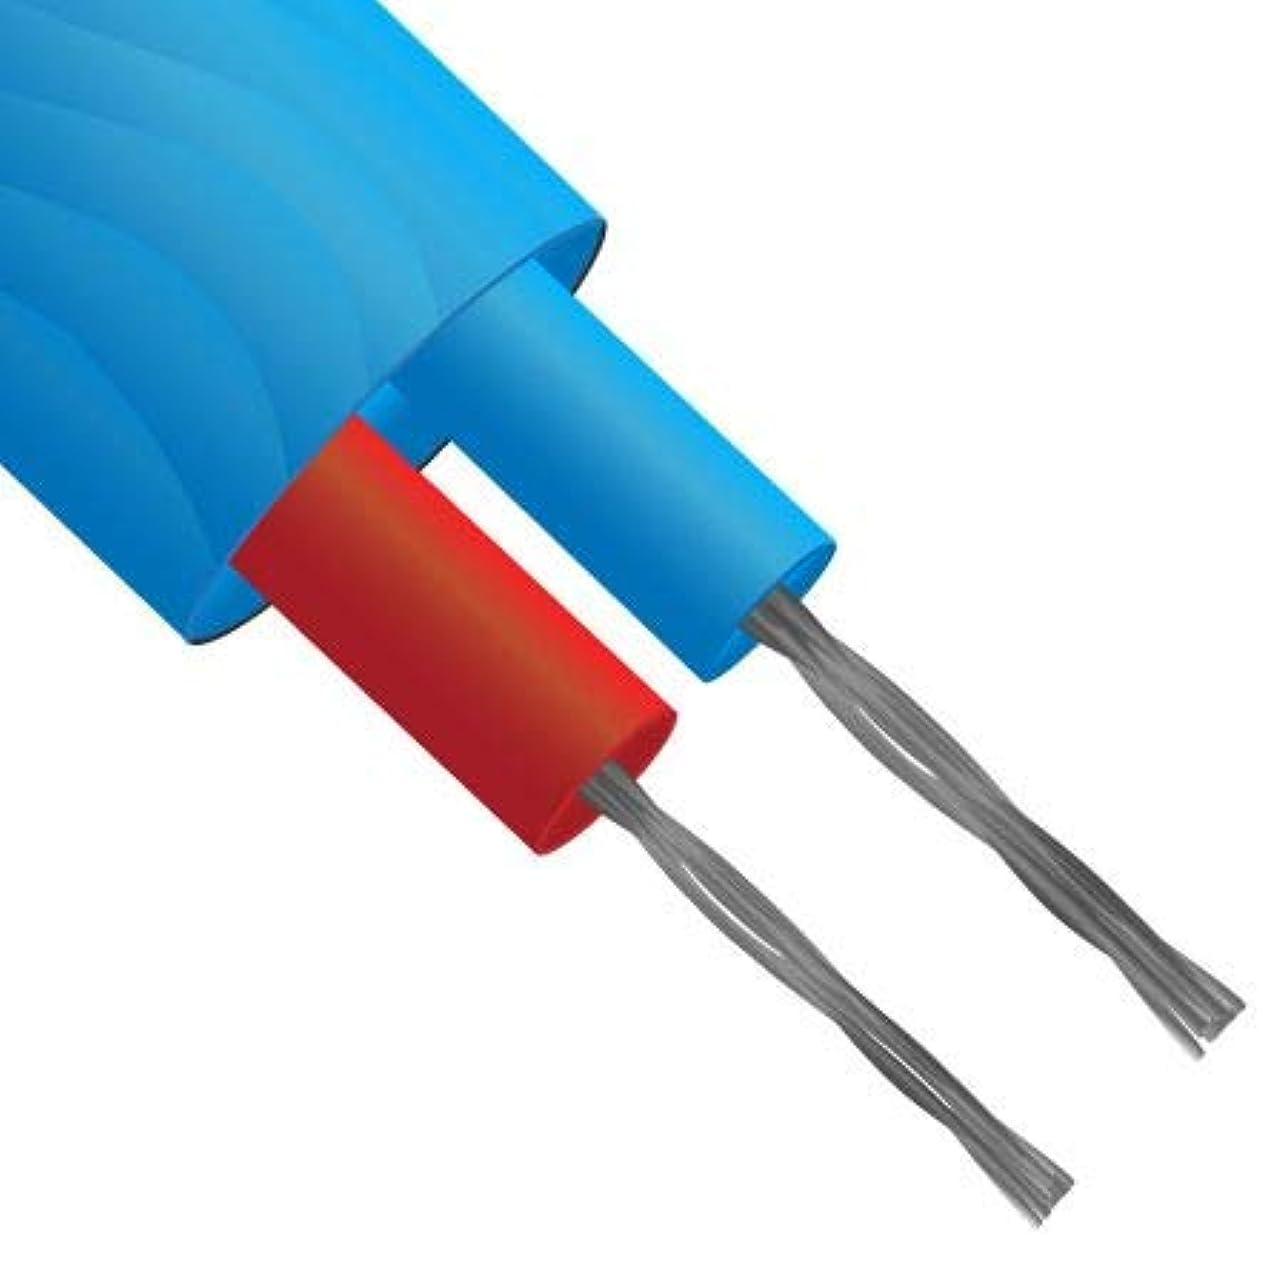 投資するアッパークッションRS PRO 熱電対用延長ケーブル, Tタイプ, 200m 8140086